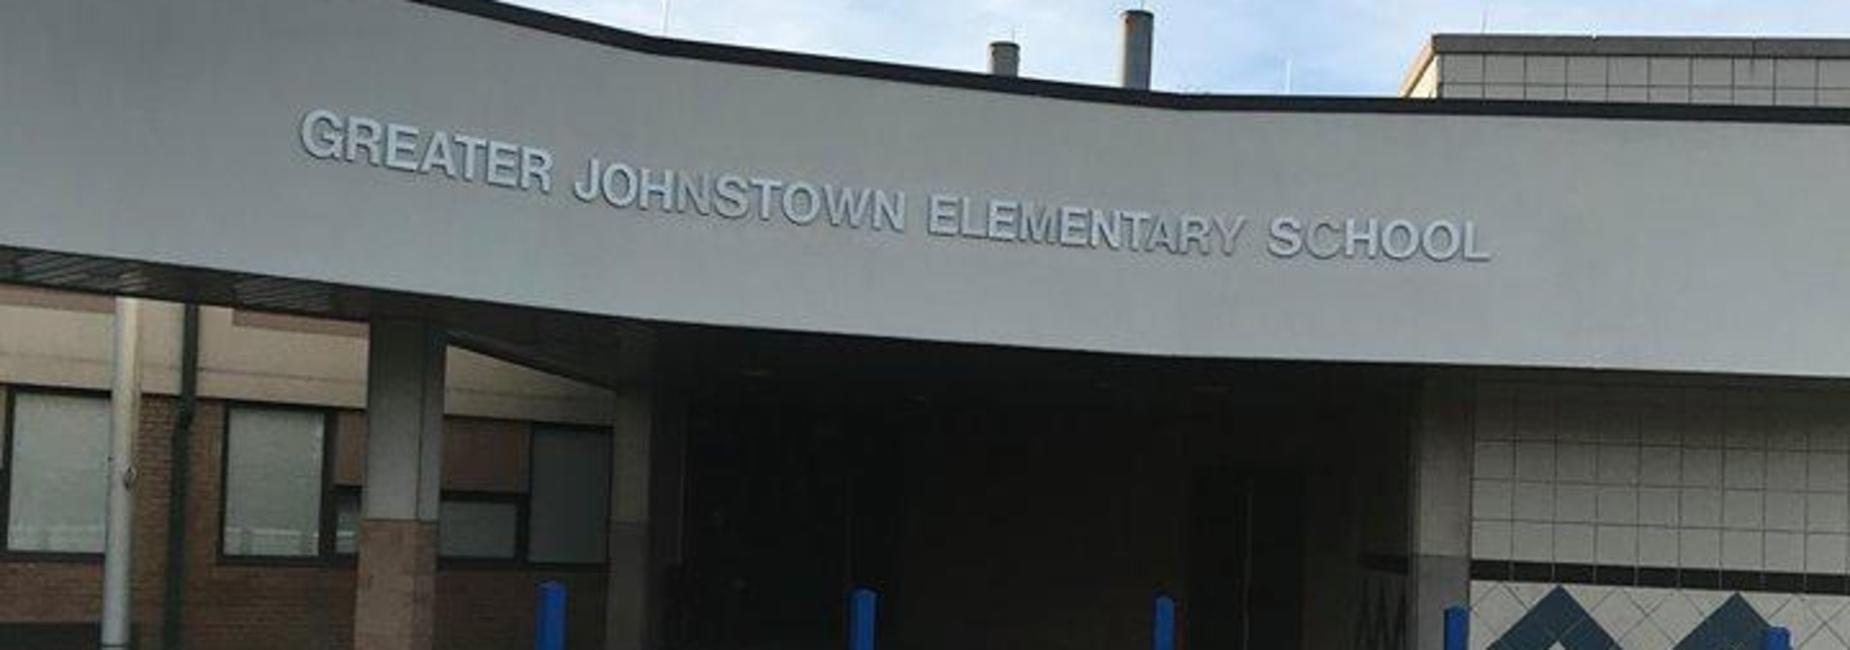 Greater Johnstown Elementary